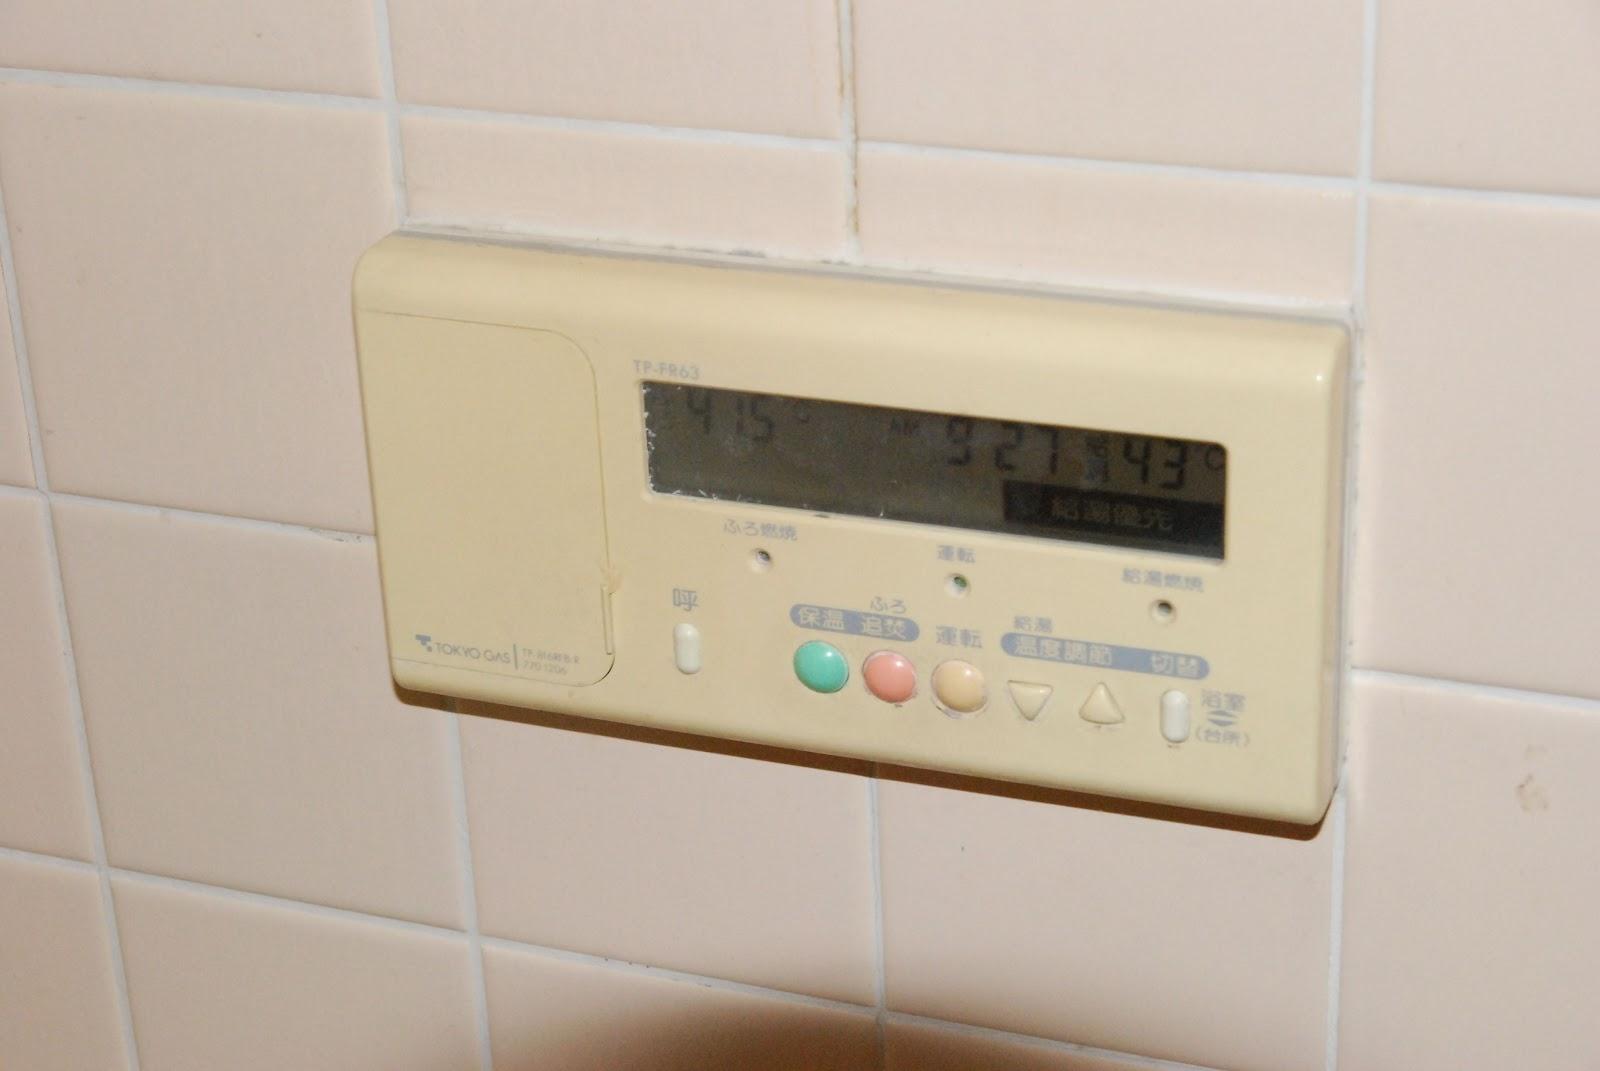 mein japanisches badezimmer - 浴室 - yokushitsu, Badezimmer ideen